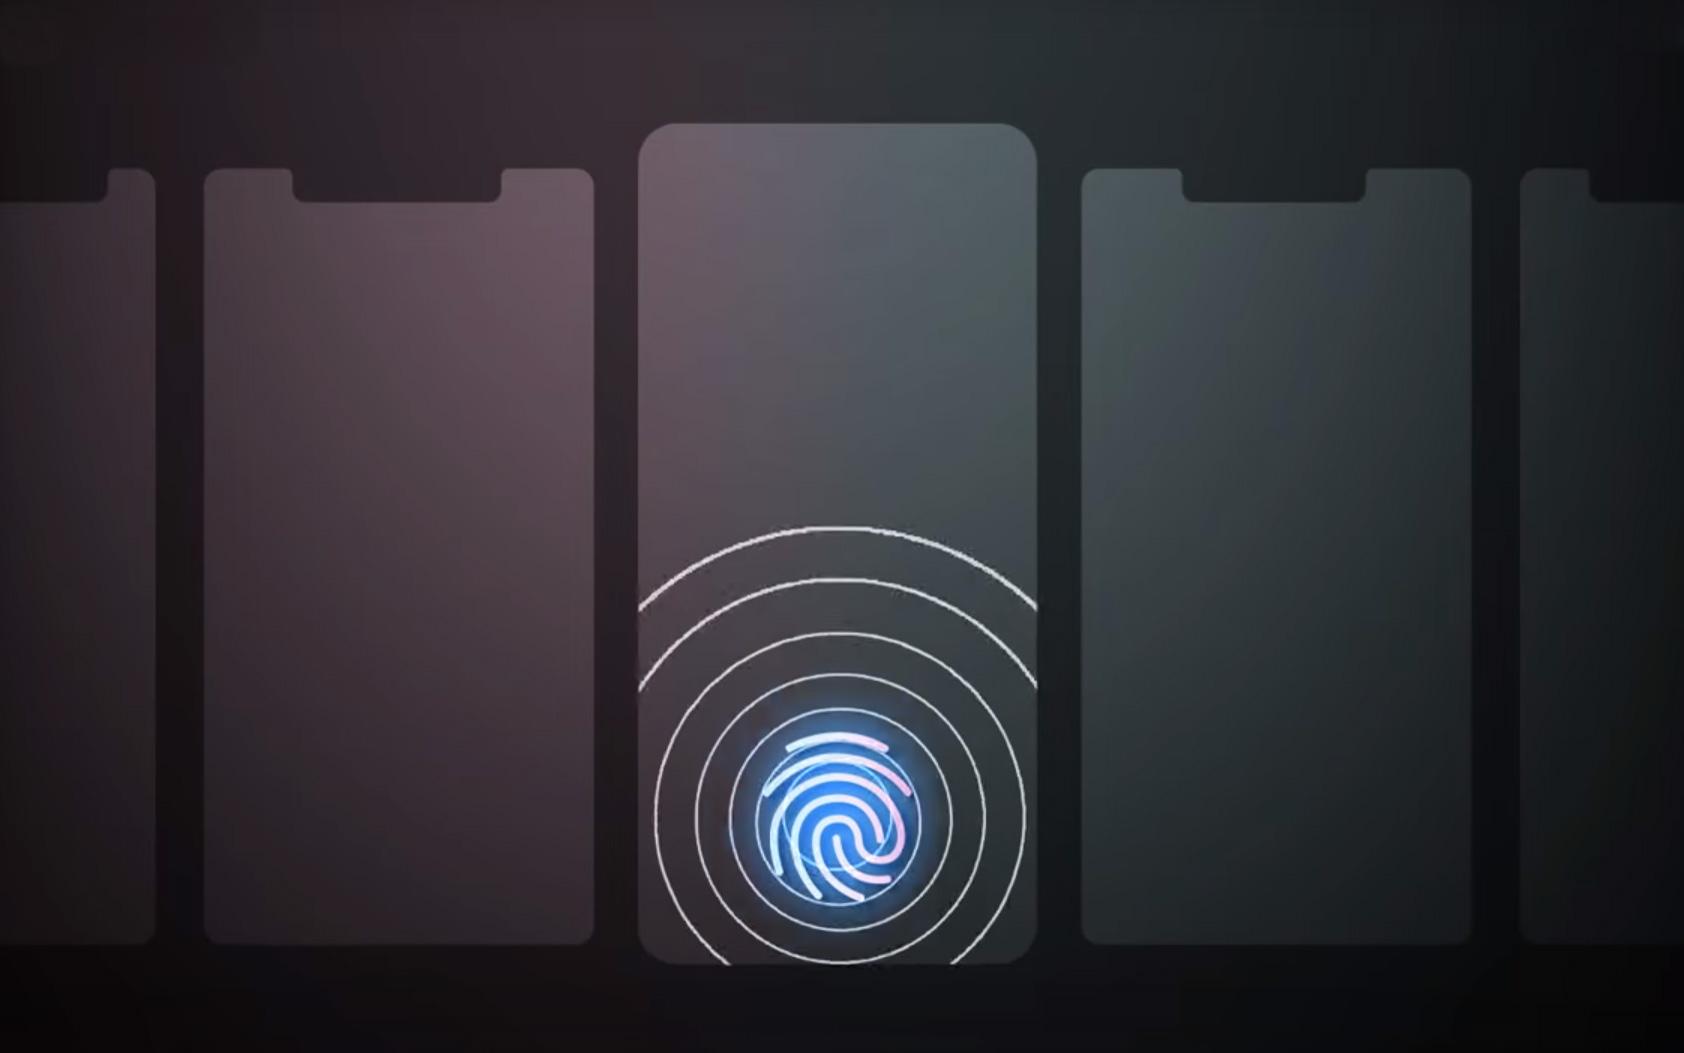 صورة الفيديوهات التشويقية الأحدث لسلسلة هواتف Galaxy S10